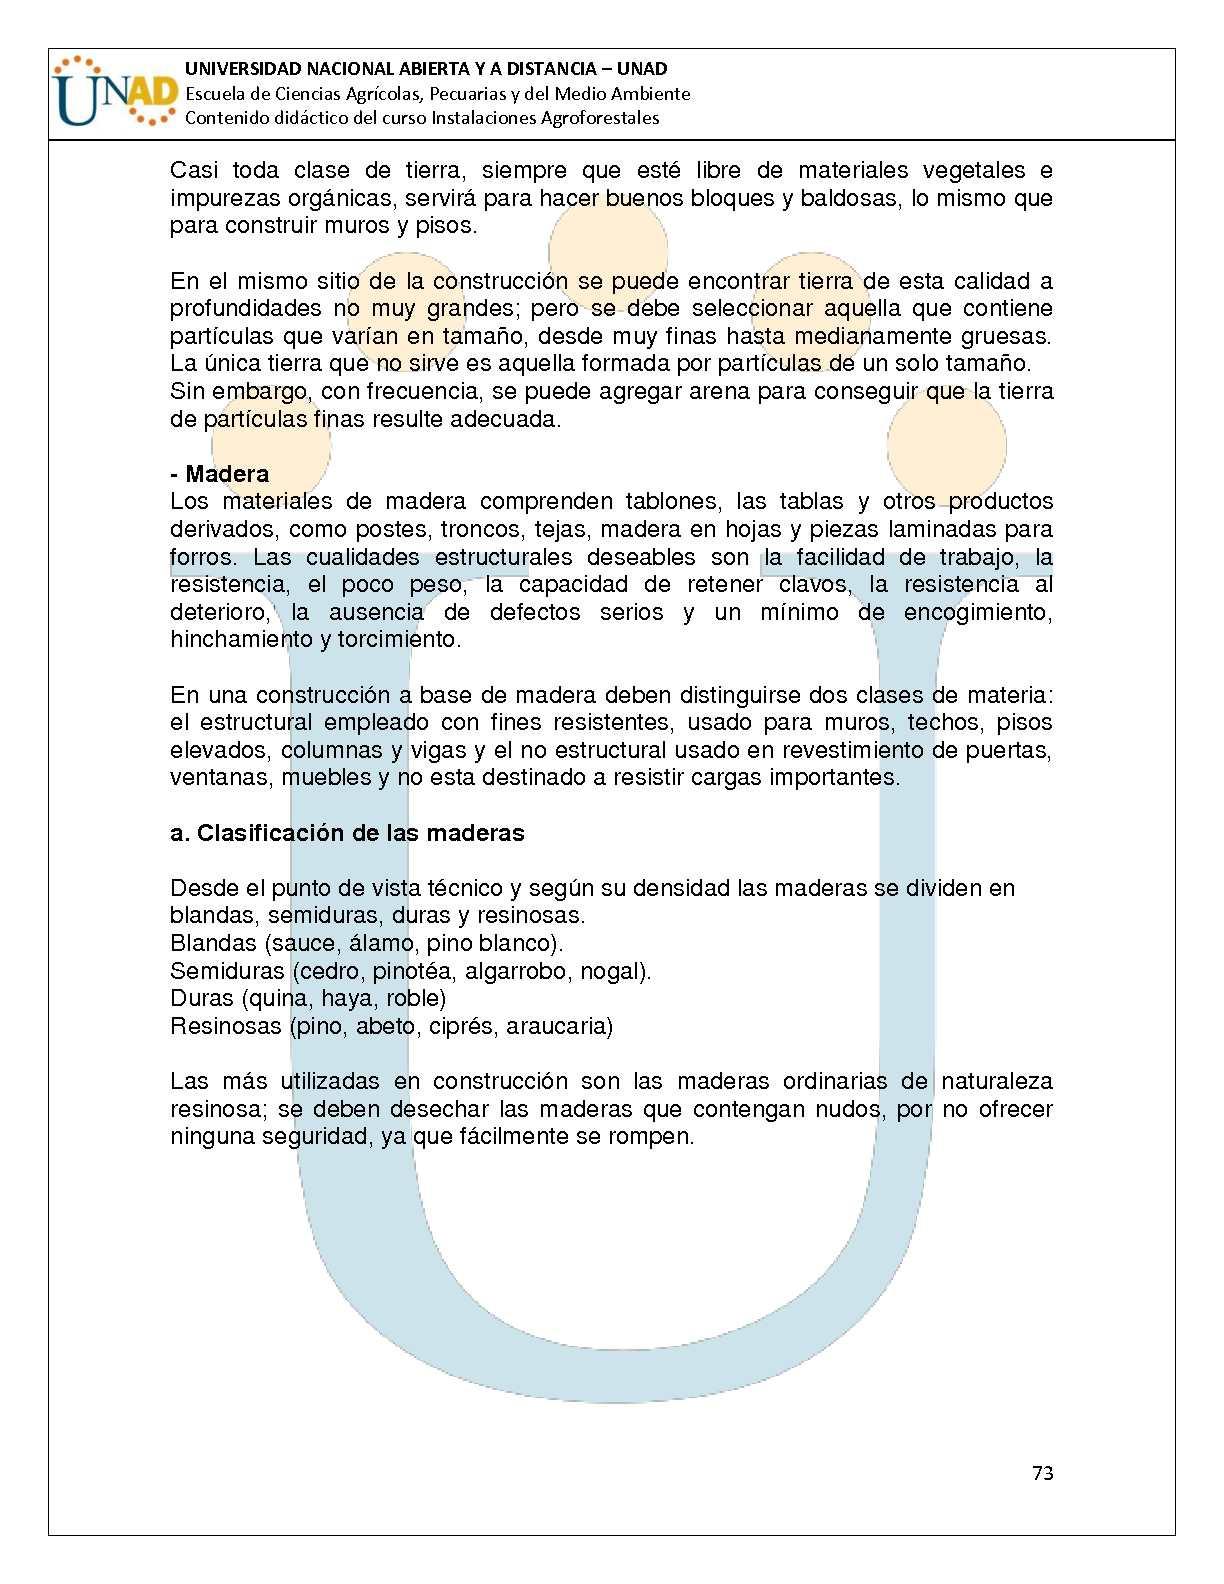 MODULO INSTALACIONES AGROFORESTALES - CALAMEO Downloader